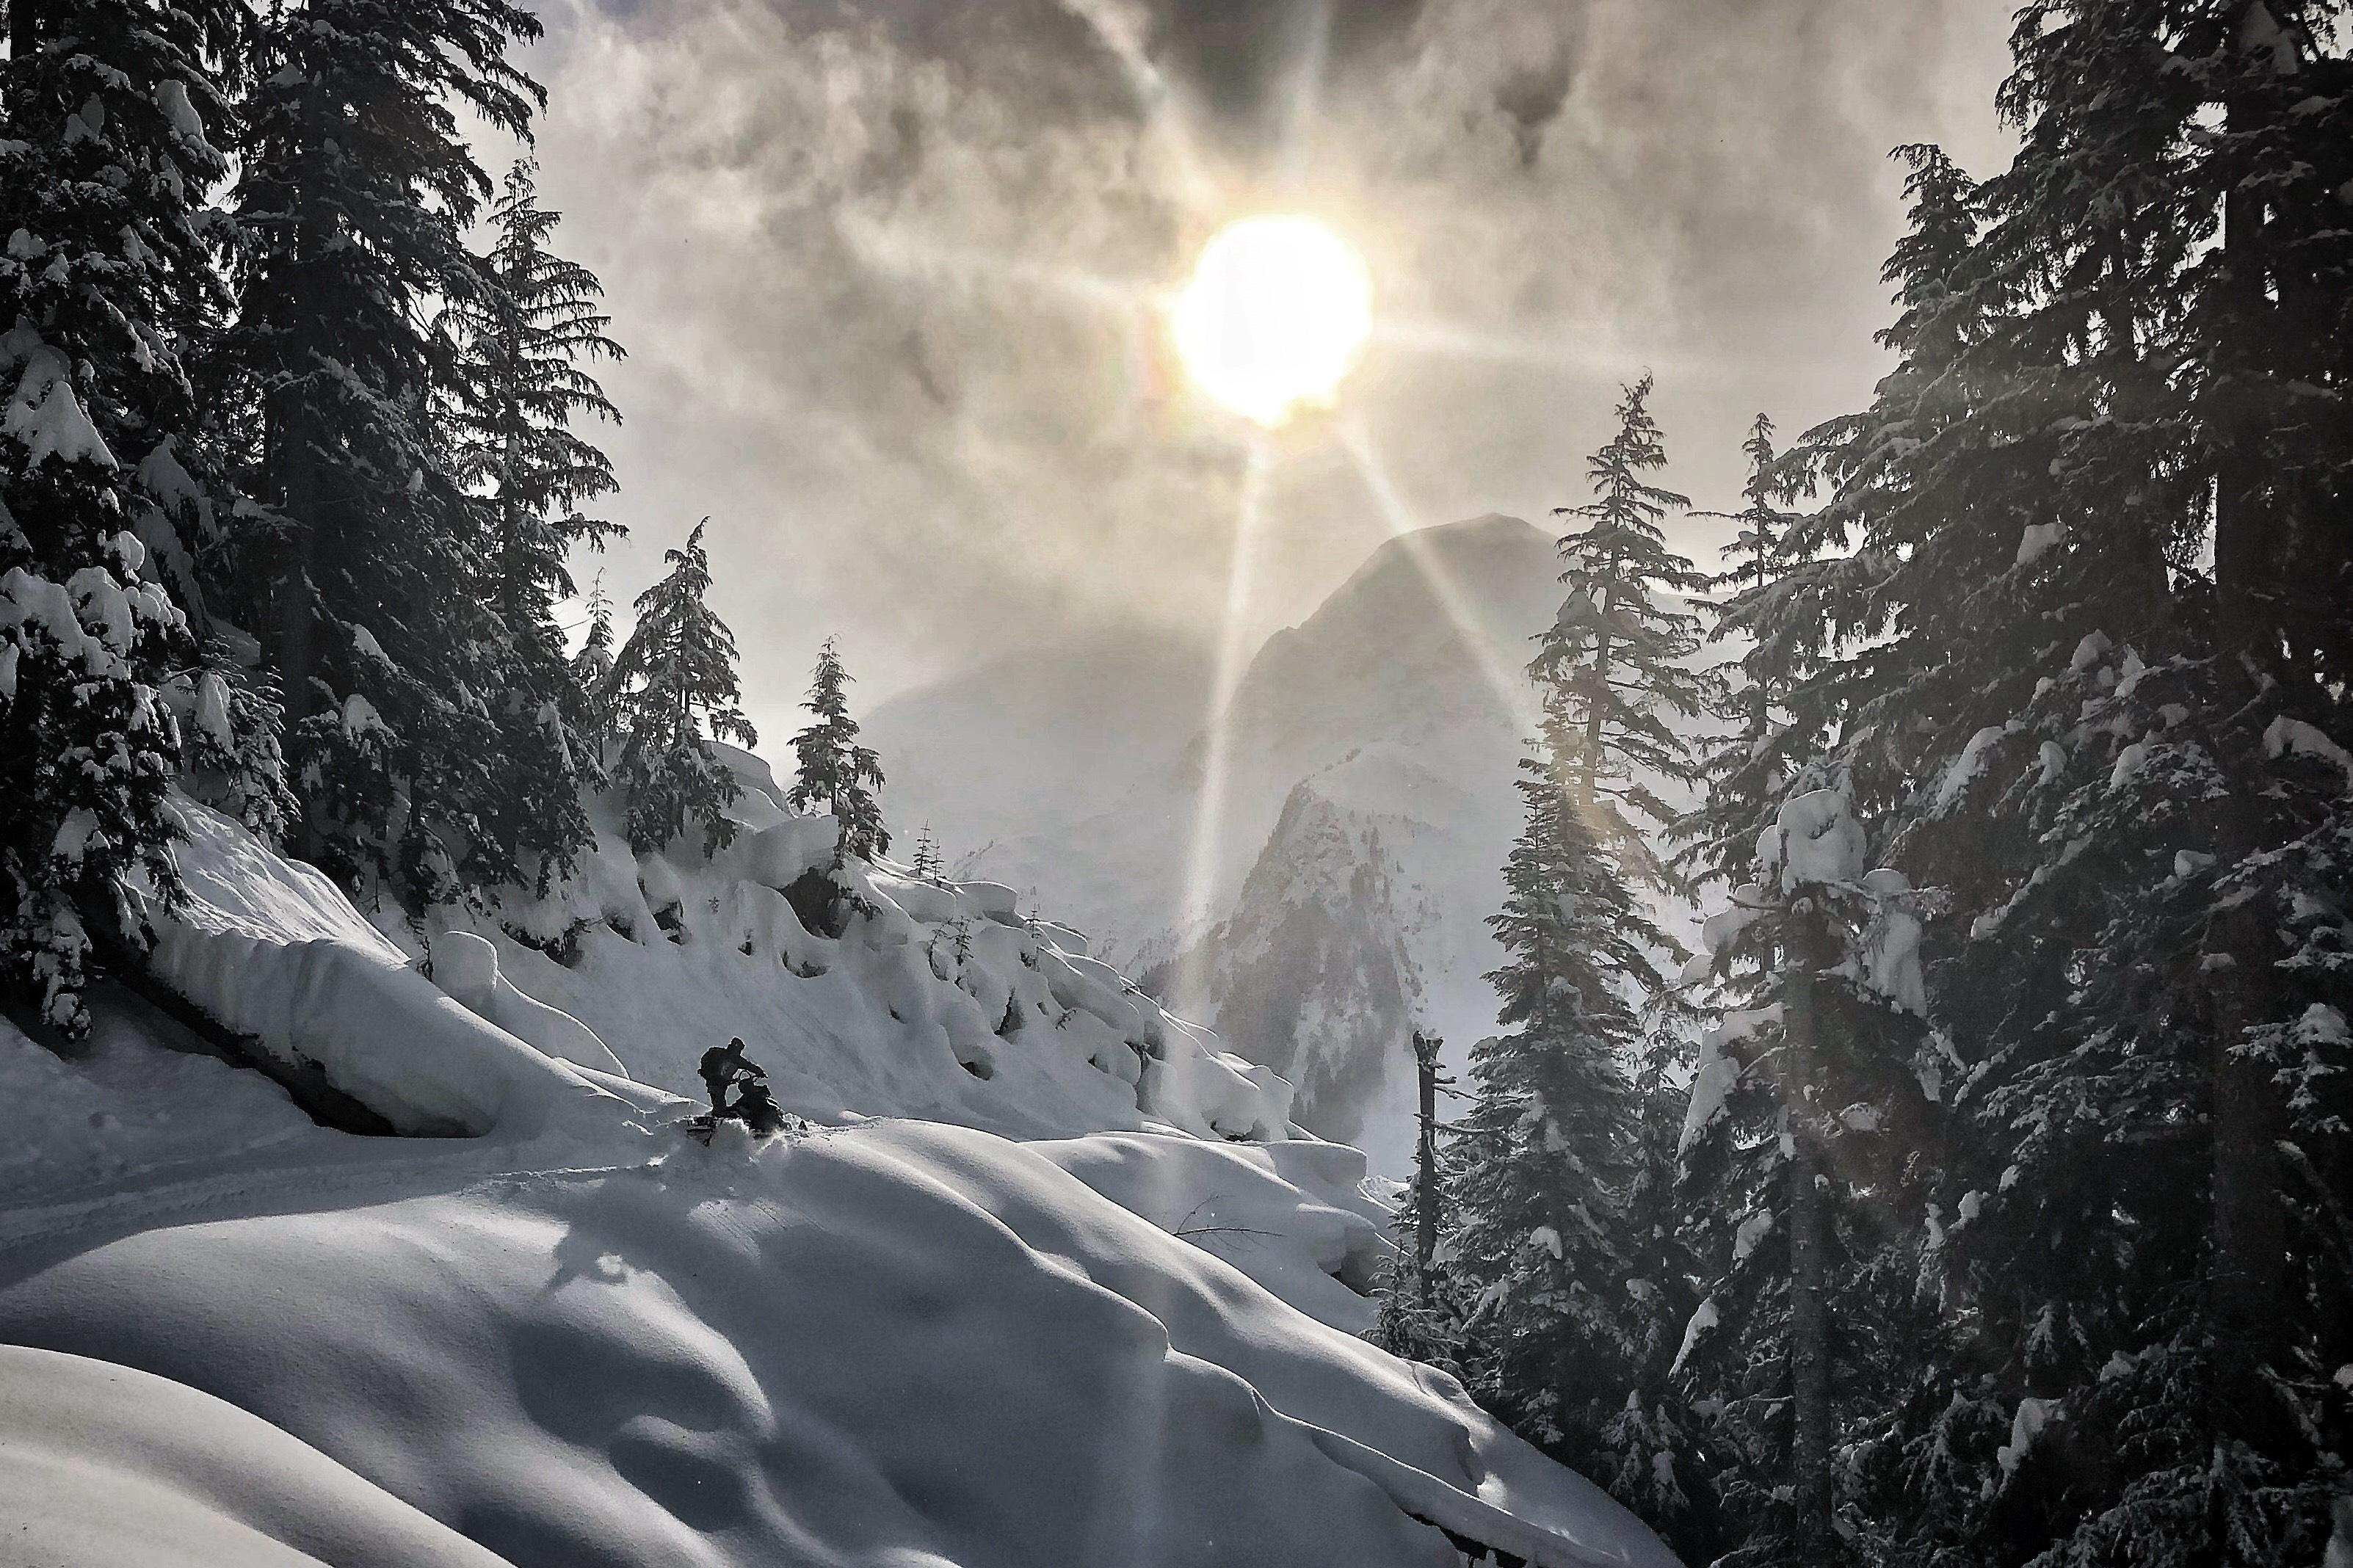 2018/19 World Tour Films | Banff Centre